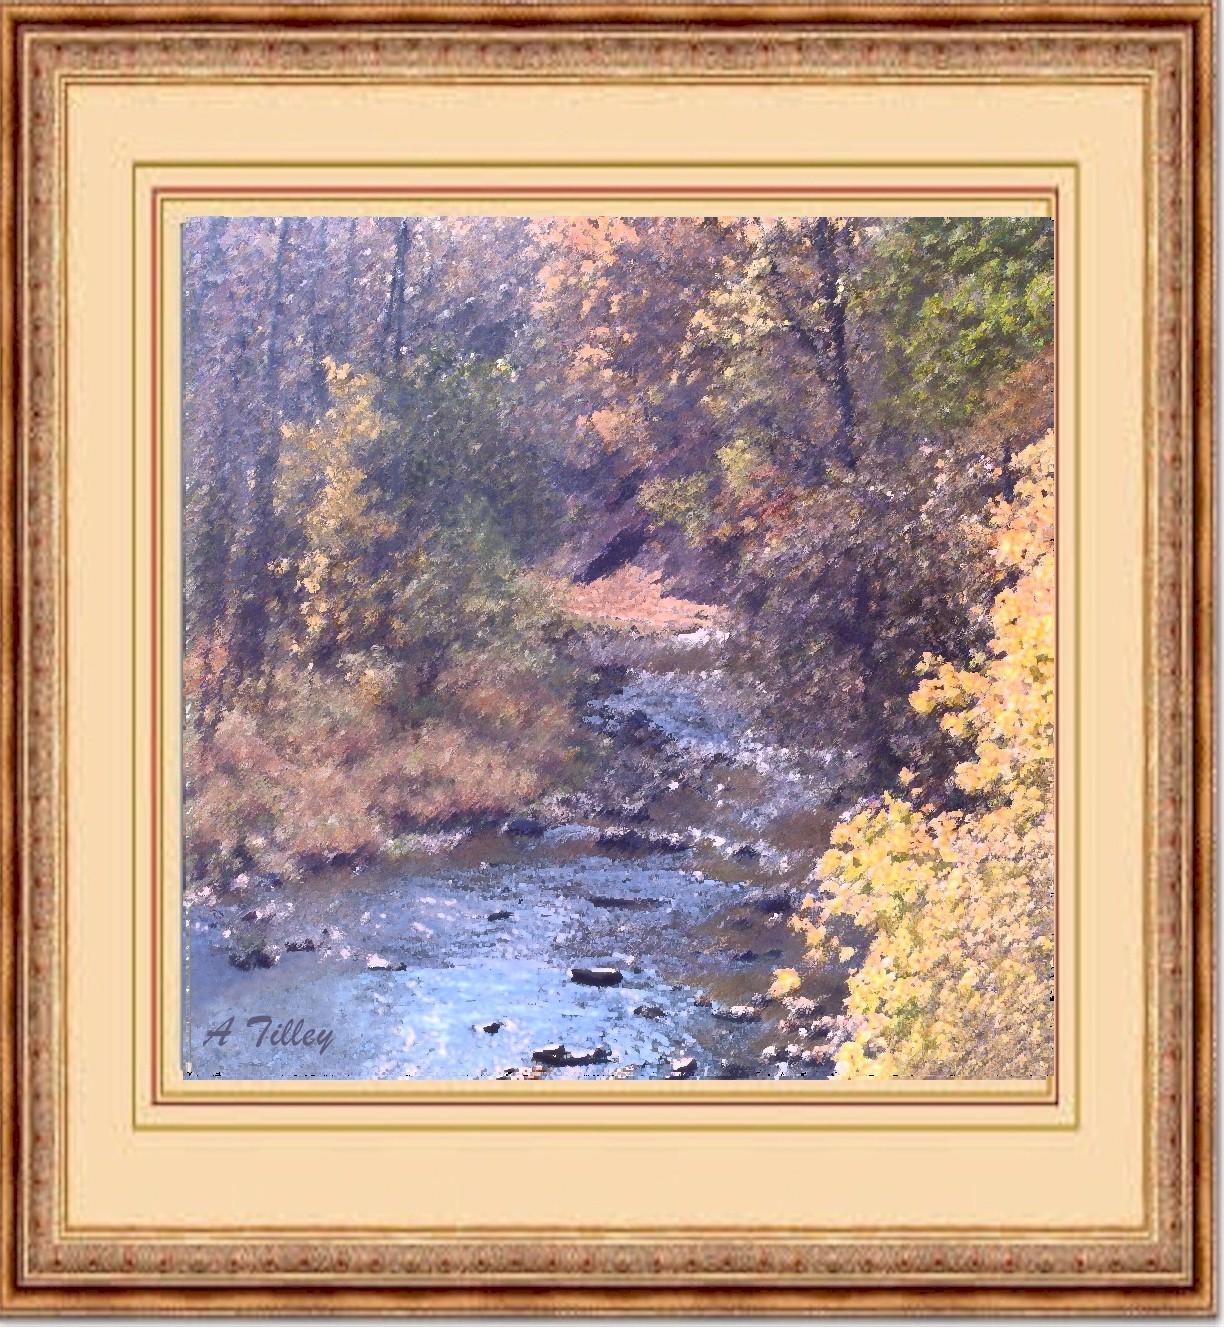 valleystream.jpg